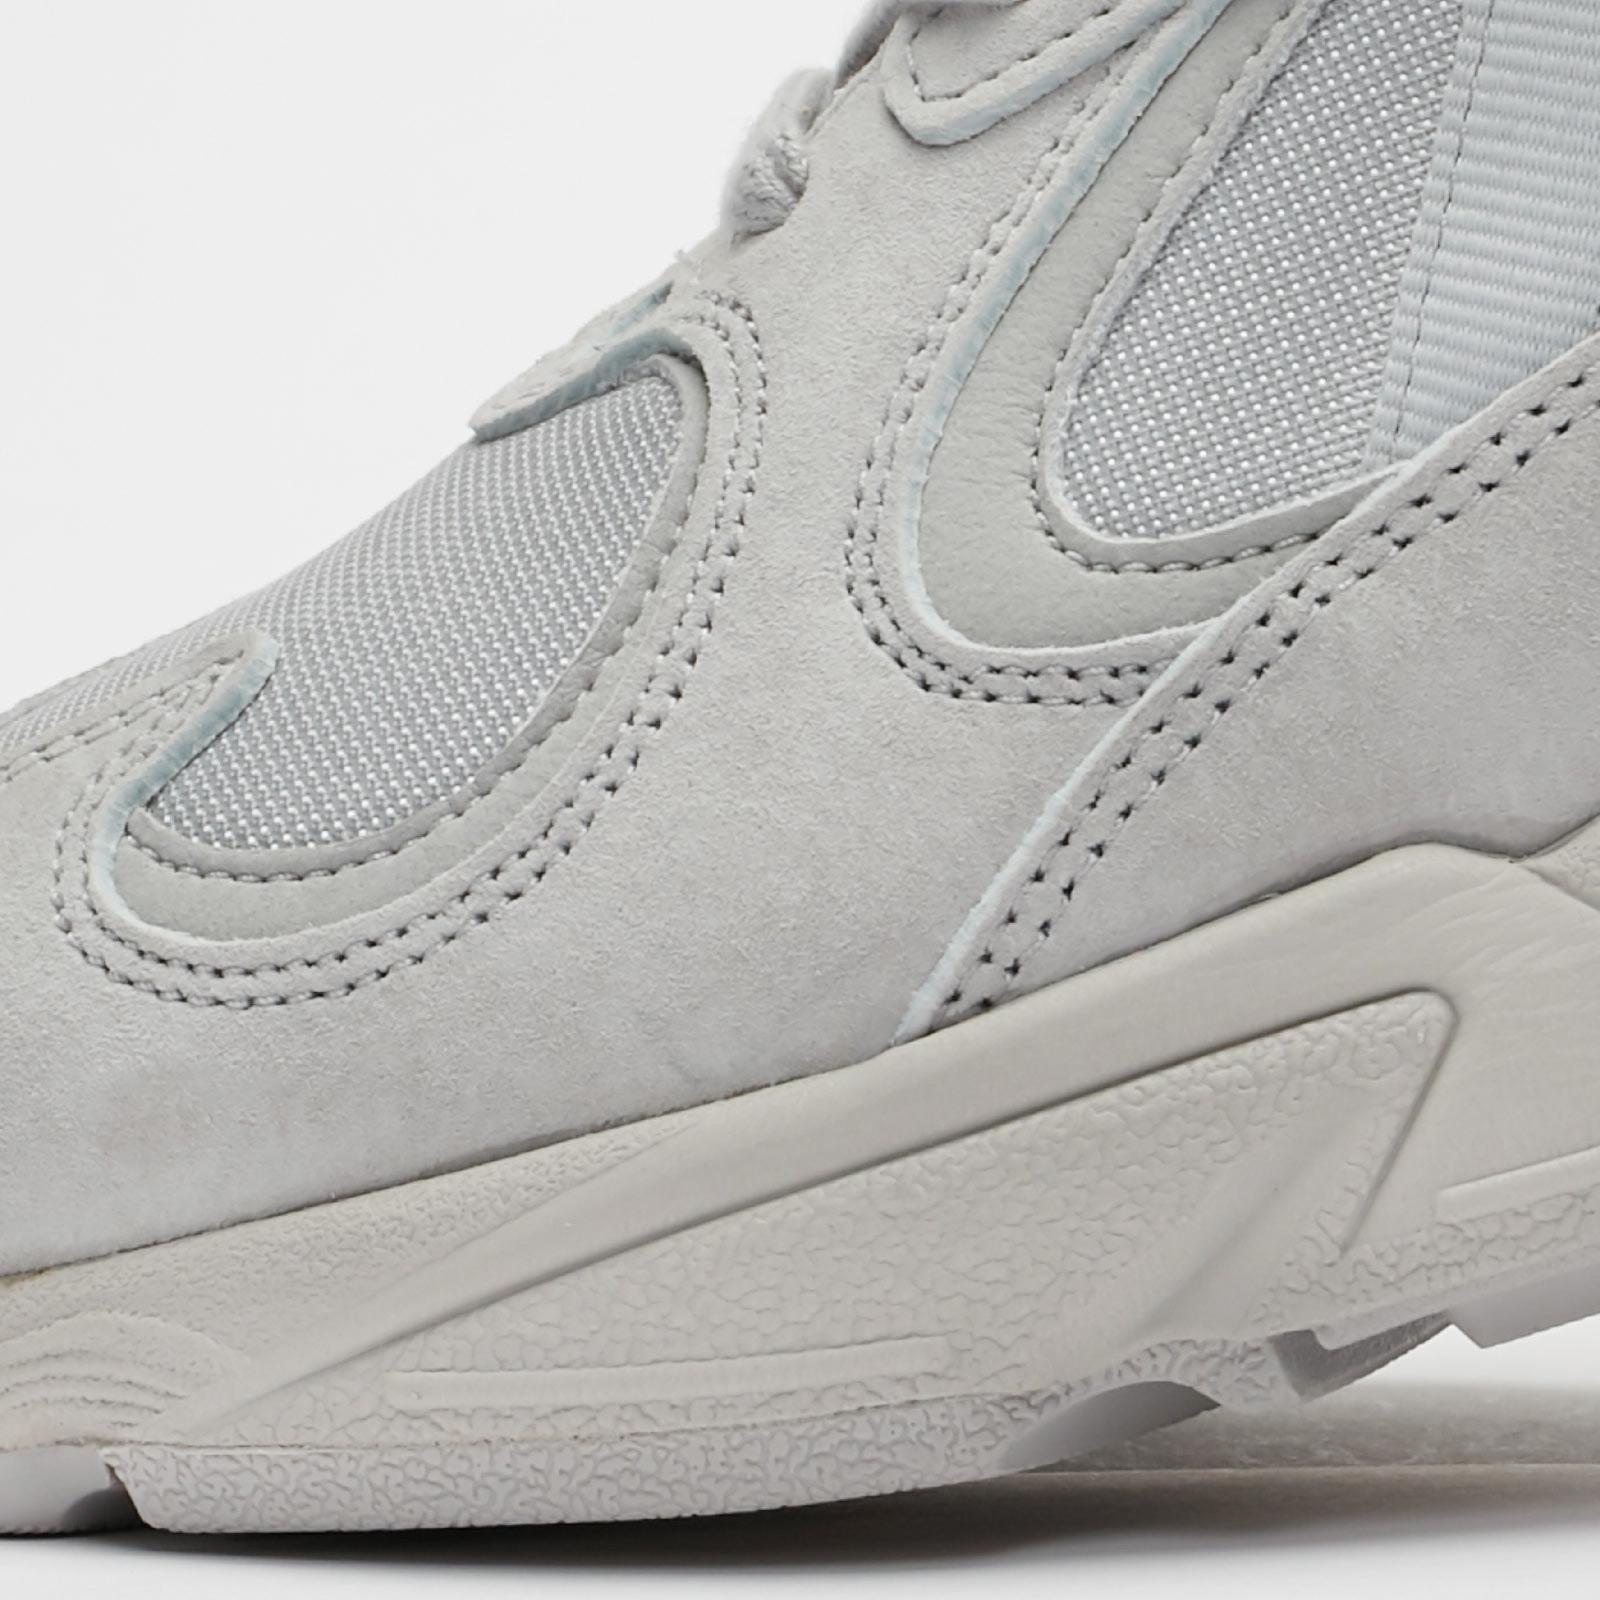 Adidas Yung 1 F37070 Sneakersnstuff Sneakers Streetwear